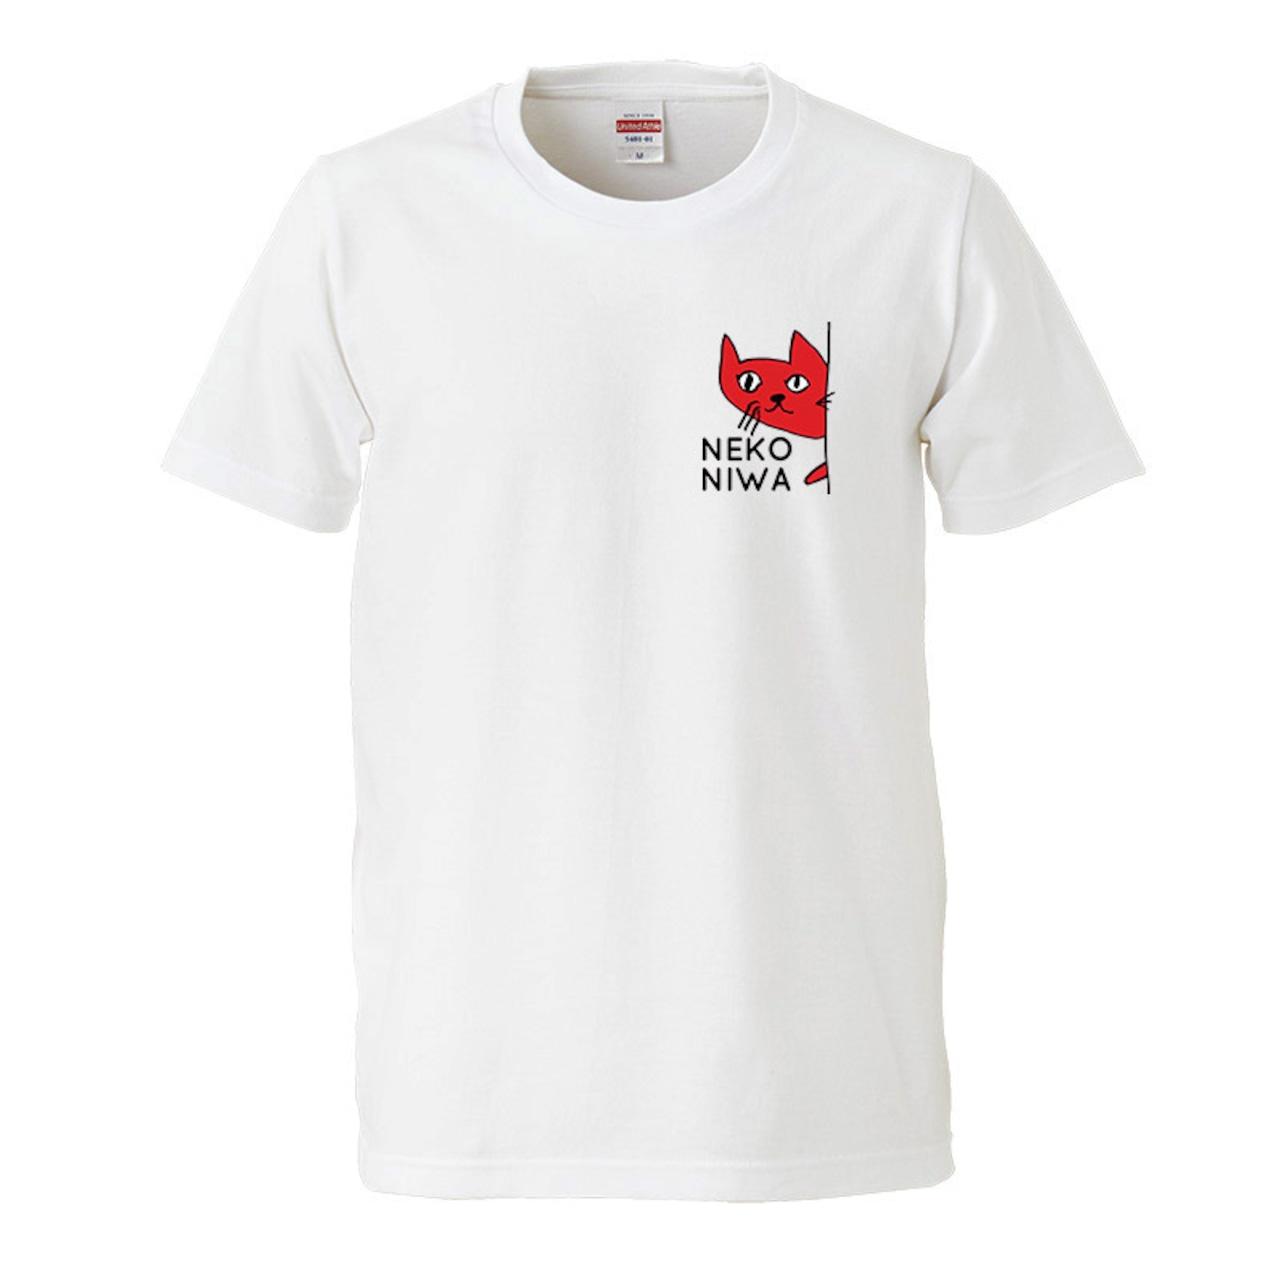 【猫庭Tシャツ】レッド:ワンポイント 全国送料無料!!